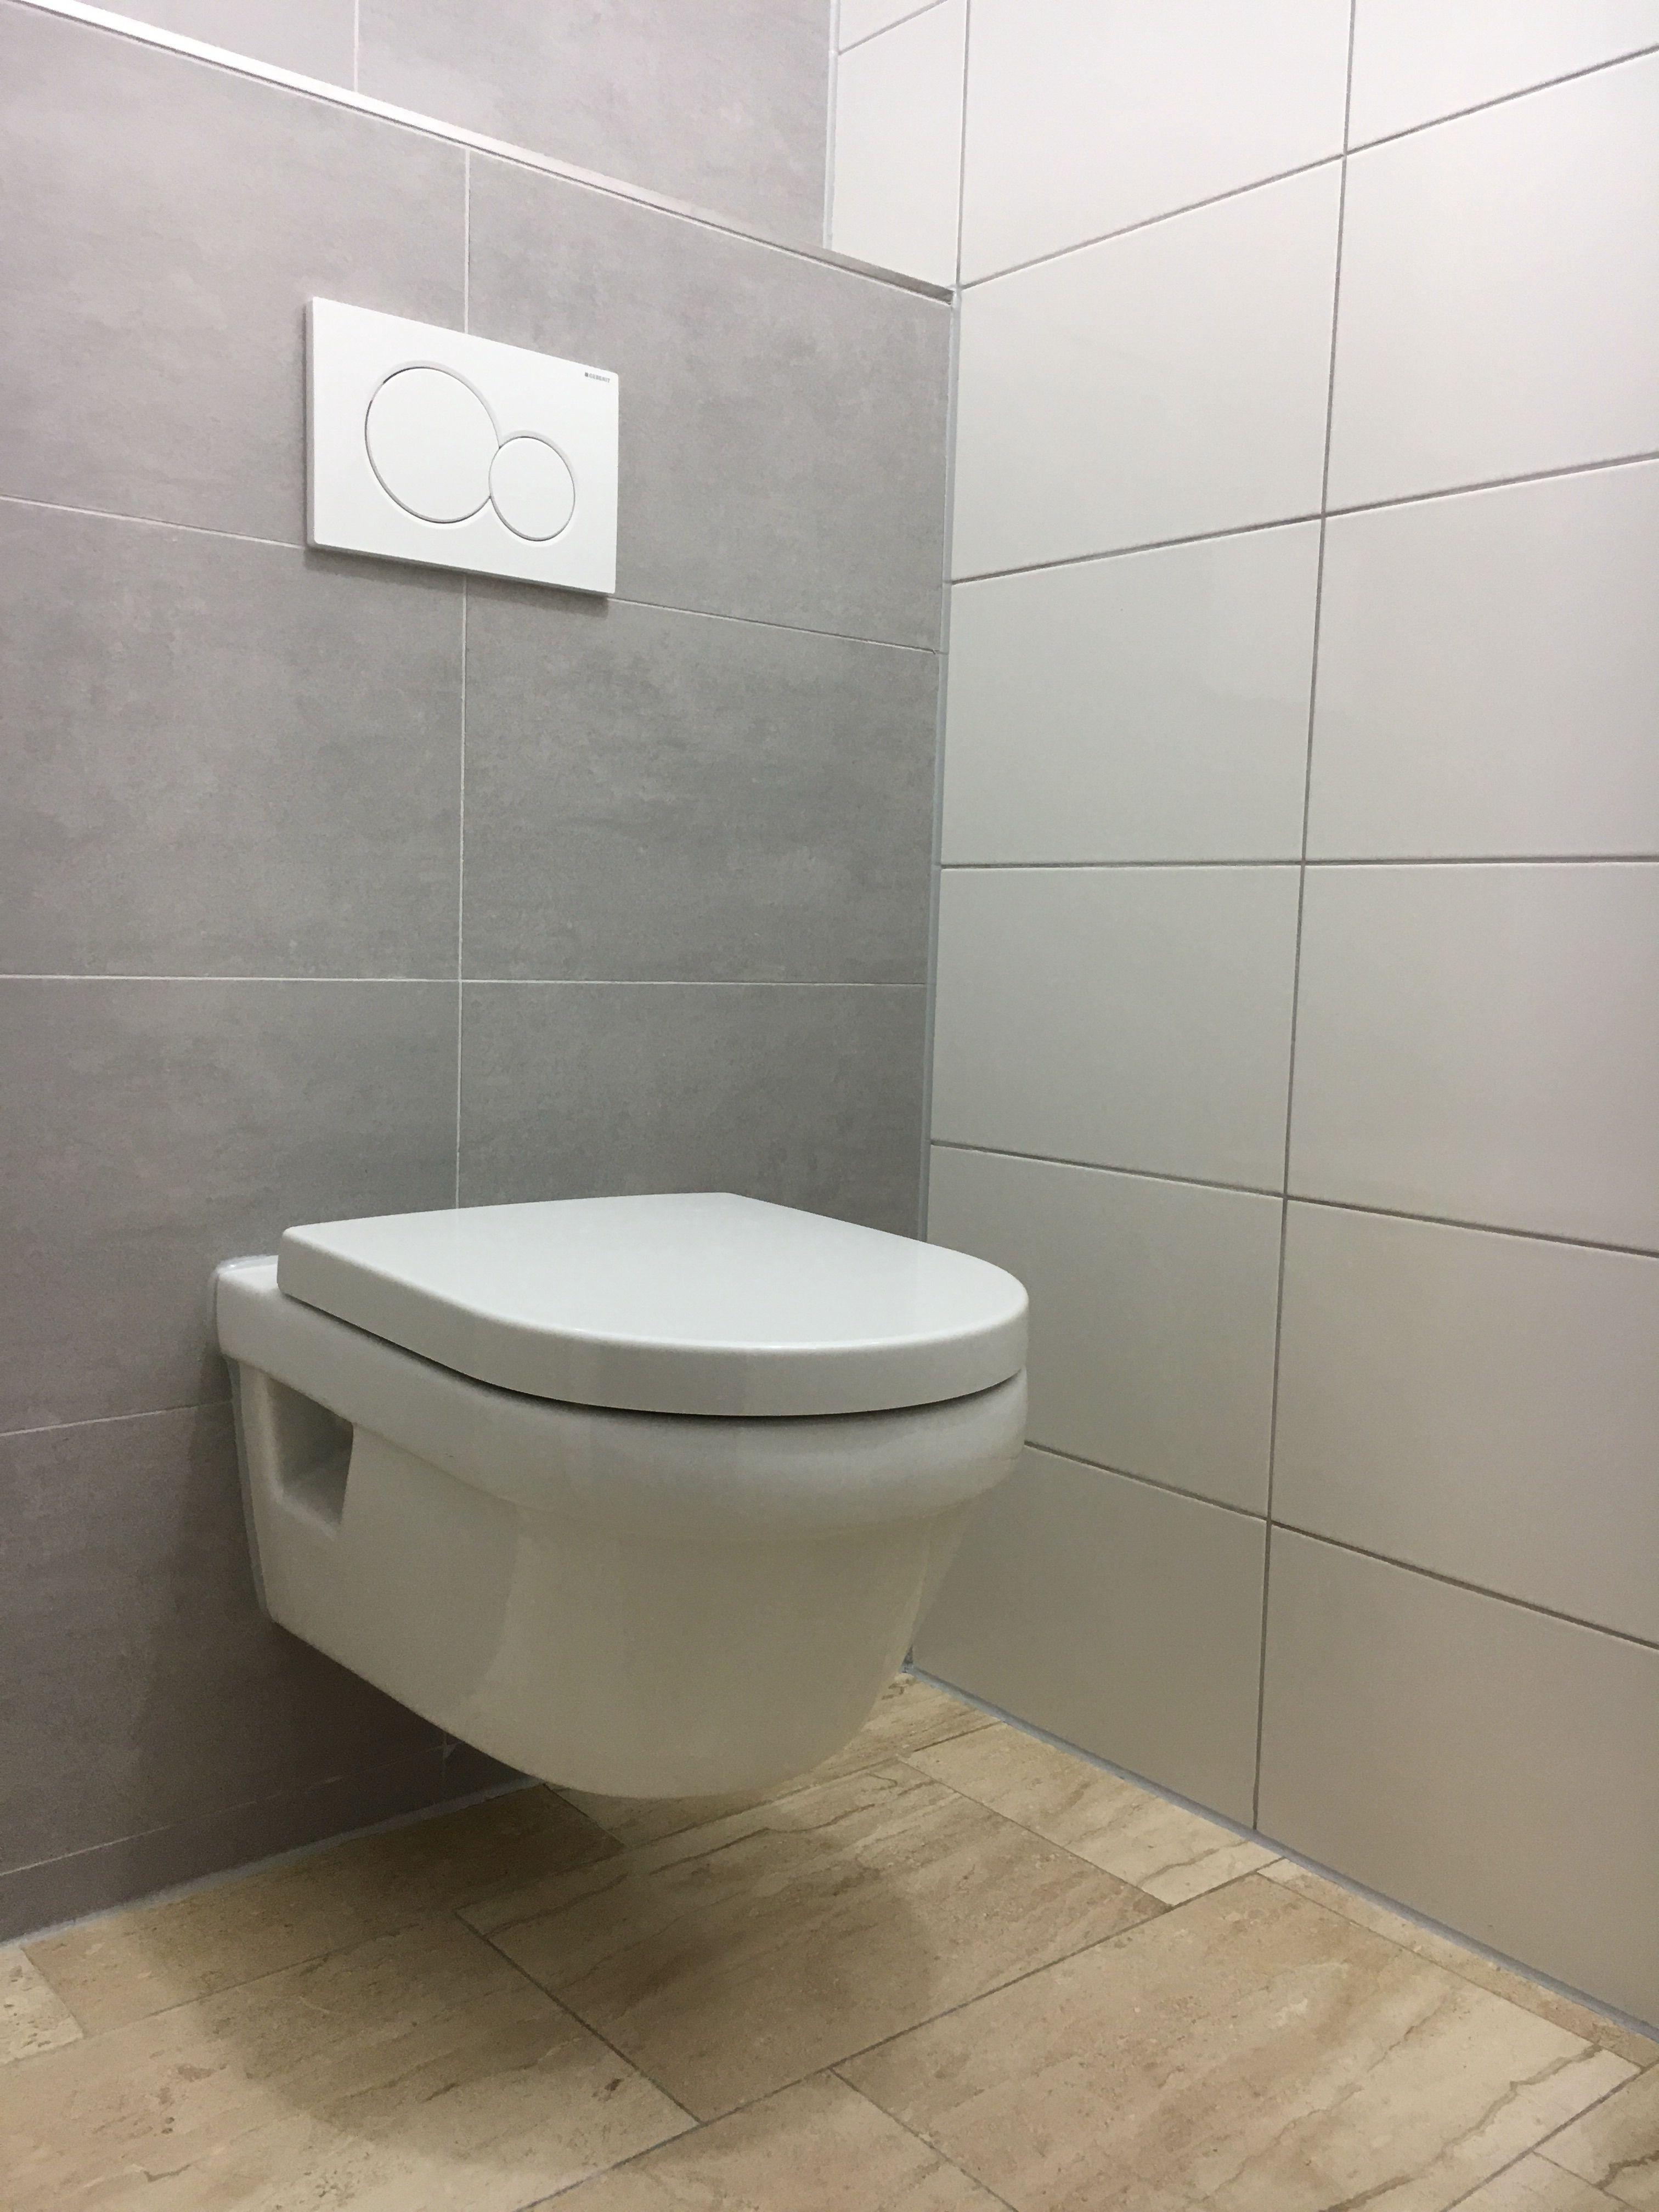 Fontein Toilet Villeroy En Boch.Vernieuwen Toilet Met Wandcloset Villeroy Boch Geberit